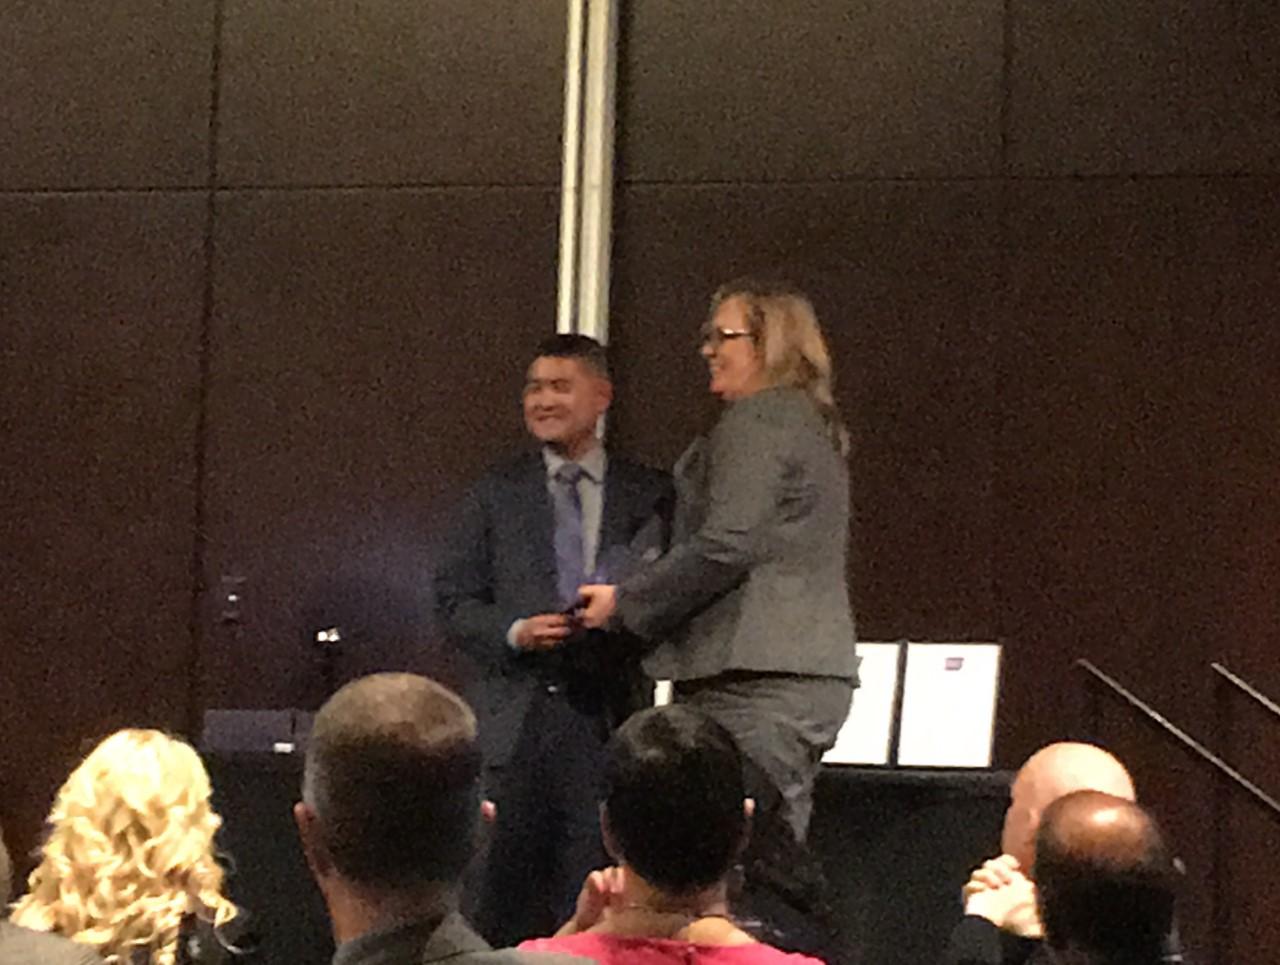 Vera ACS Award Acceptance 11.8.18